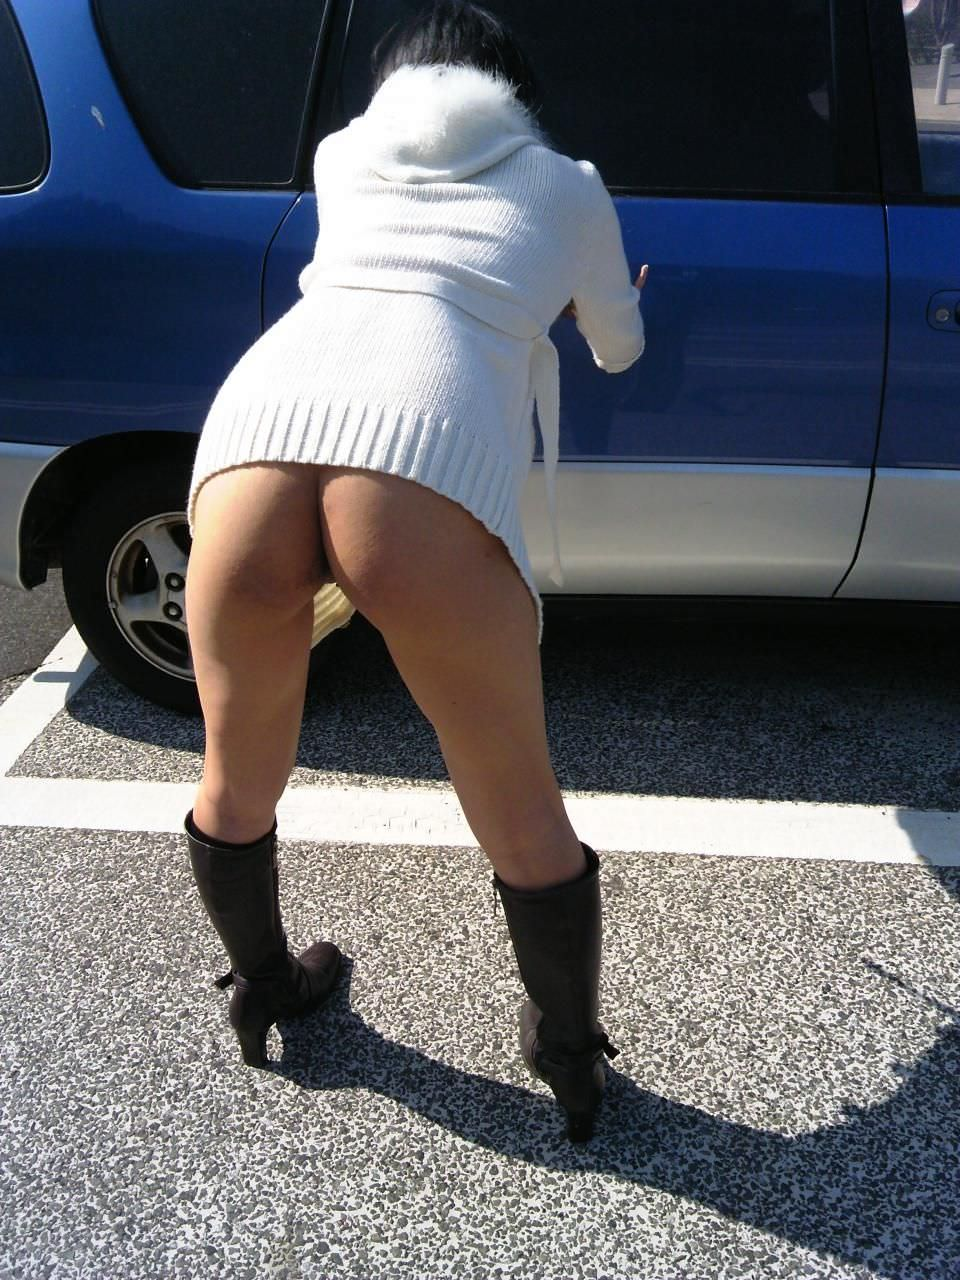 変態旦那とドライブ中にスイッチ入っちゃって脱いじゃった露出狂人妻のエロ画像 1065